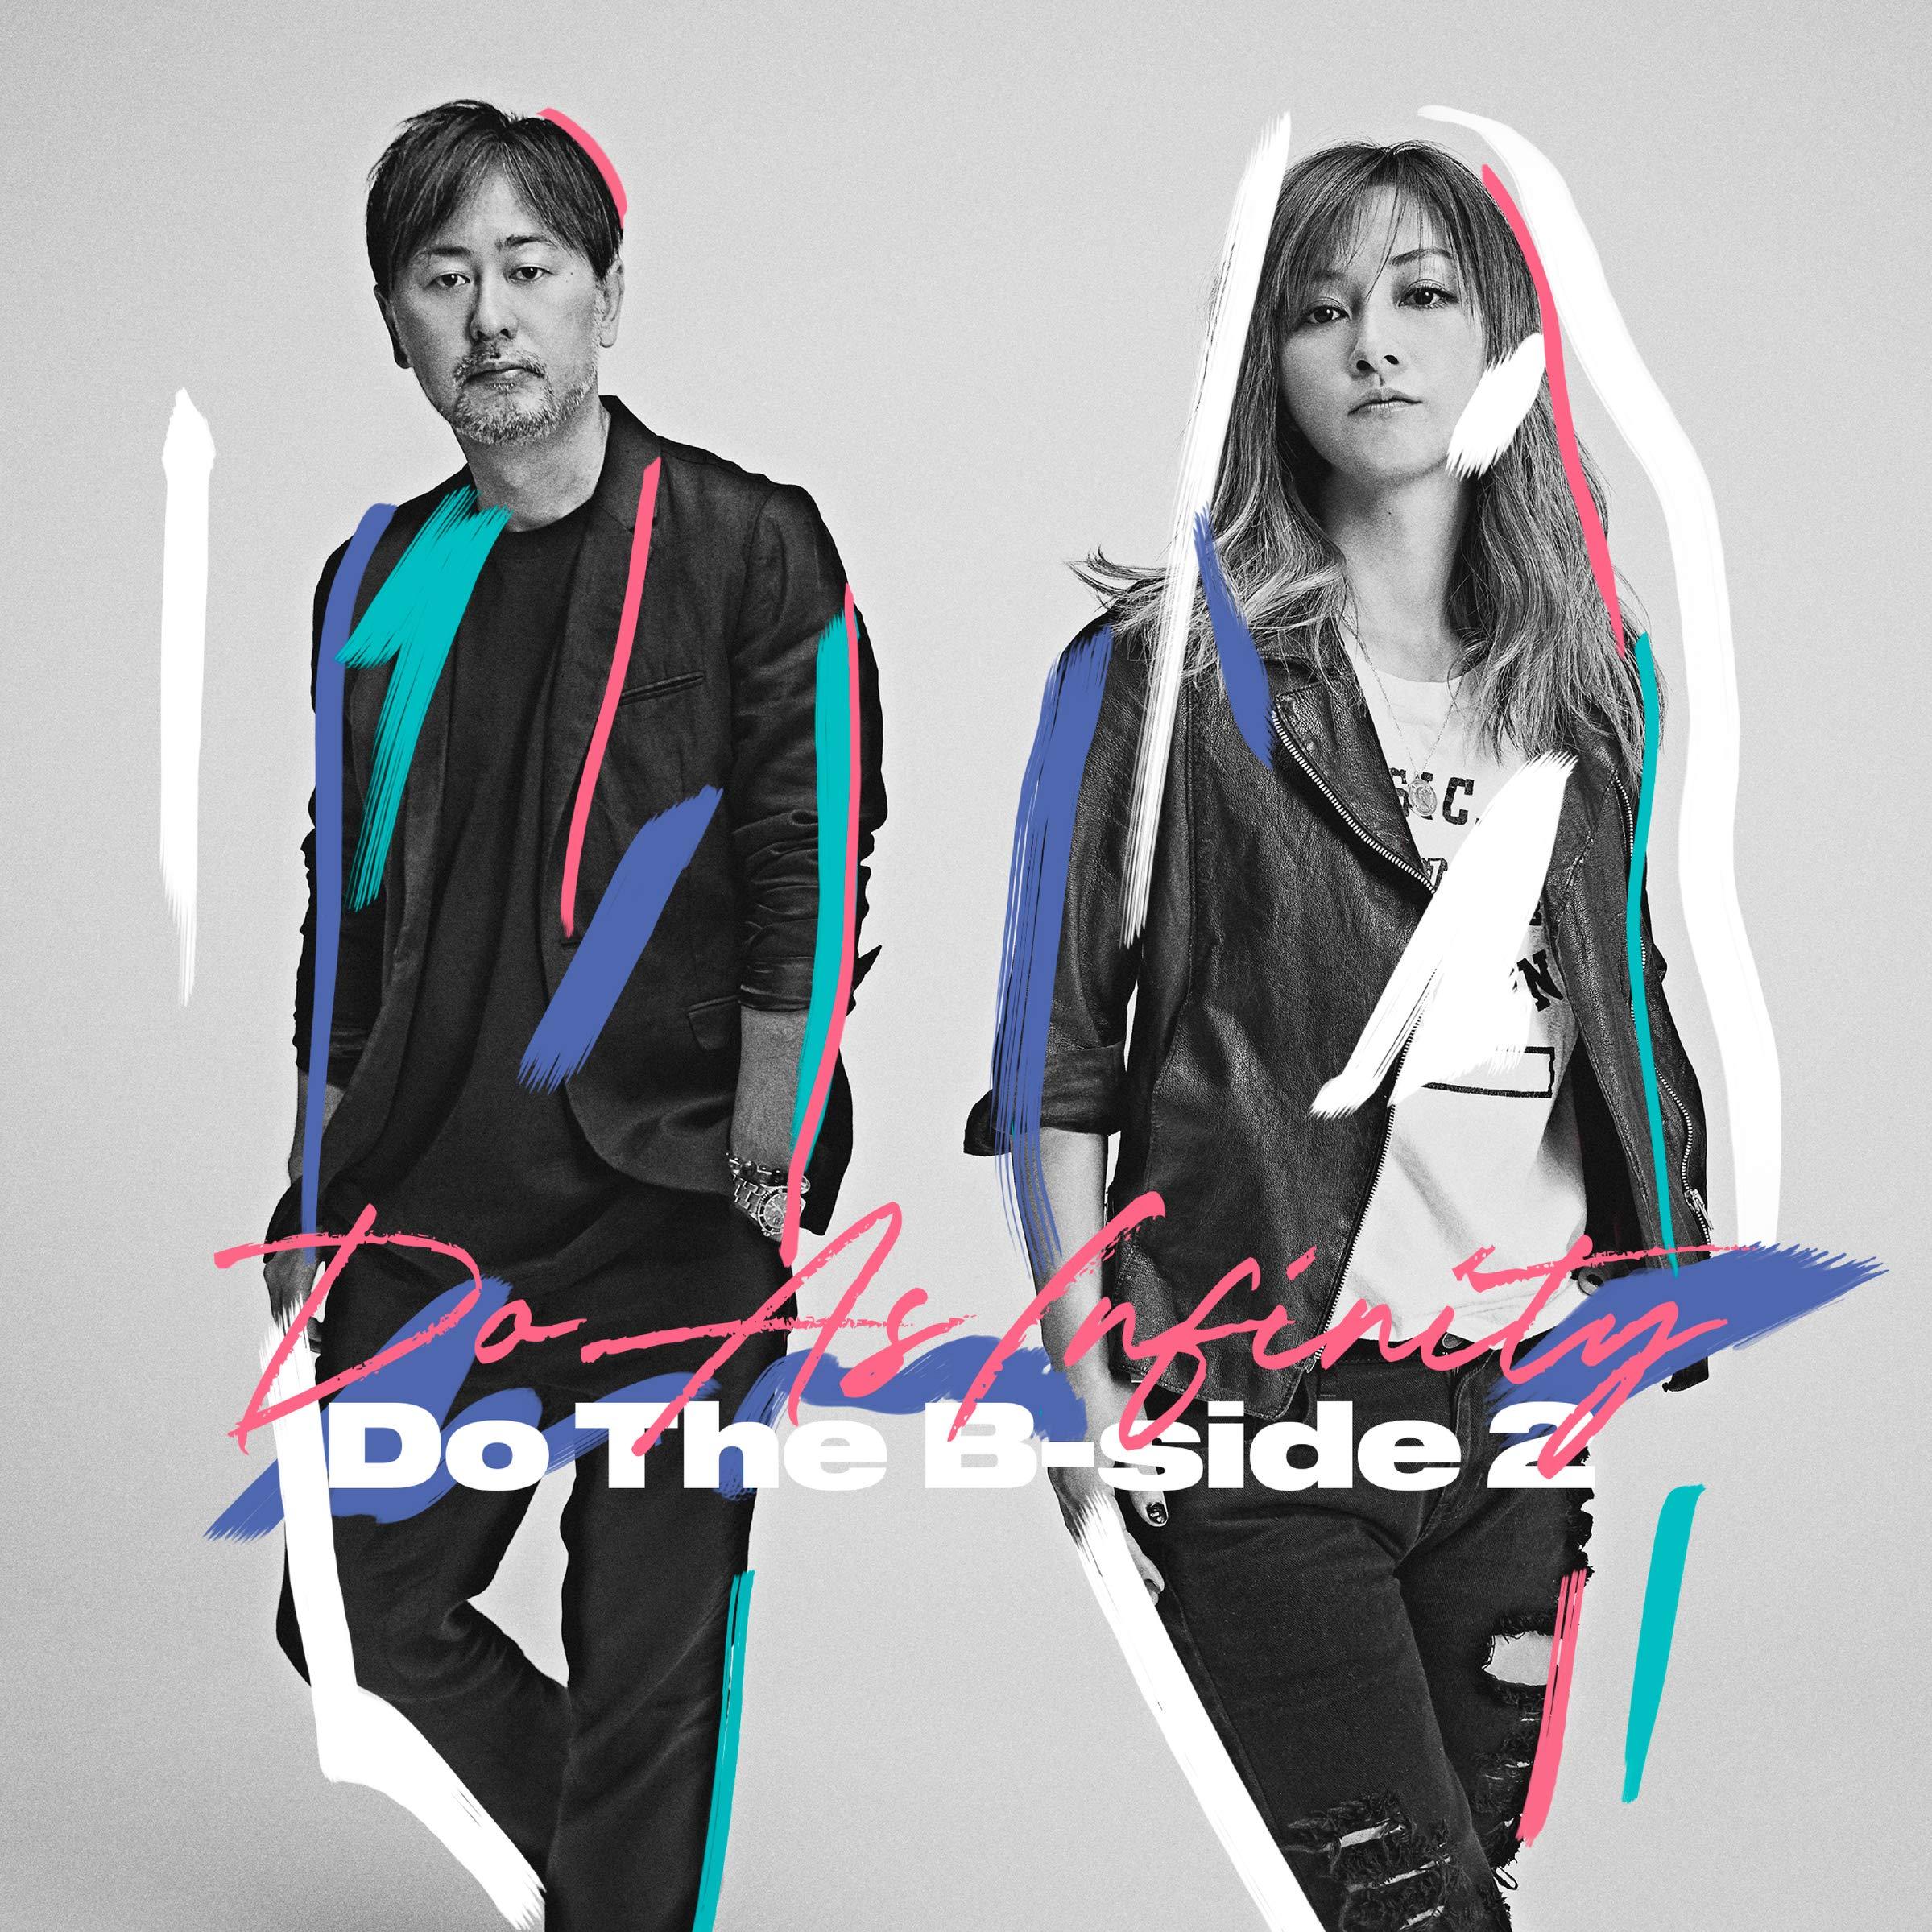 Do As Infinity – Do The B-side 2 [FLAC + MP3 320 / WEB] [2019.02.27]